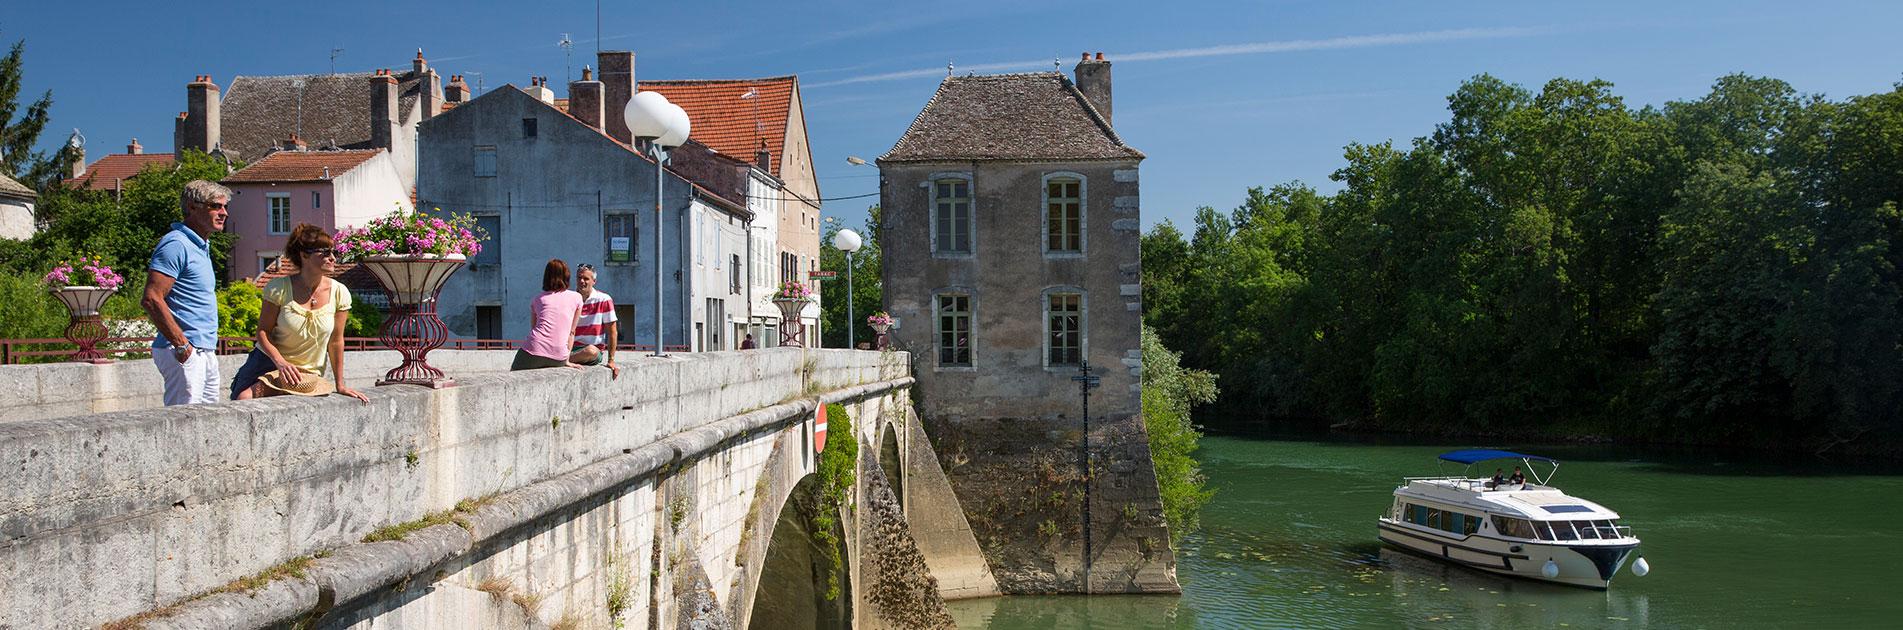 Folk på bro i Bourgogne